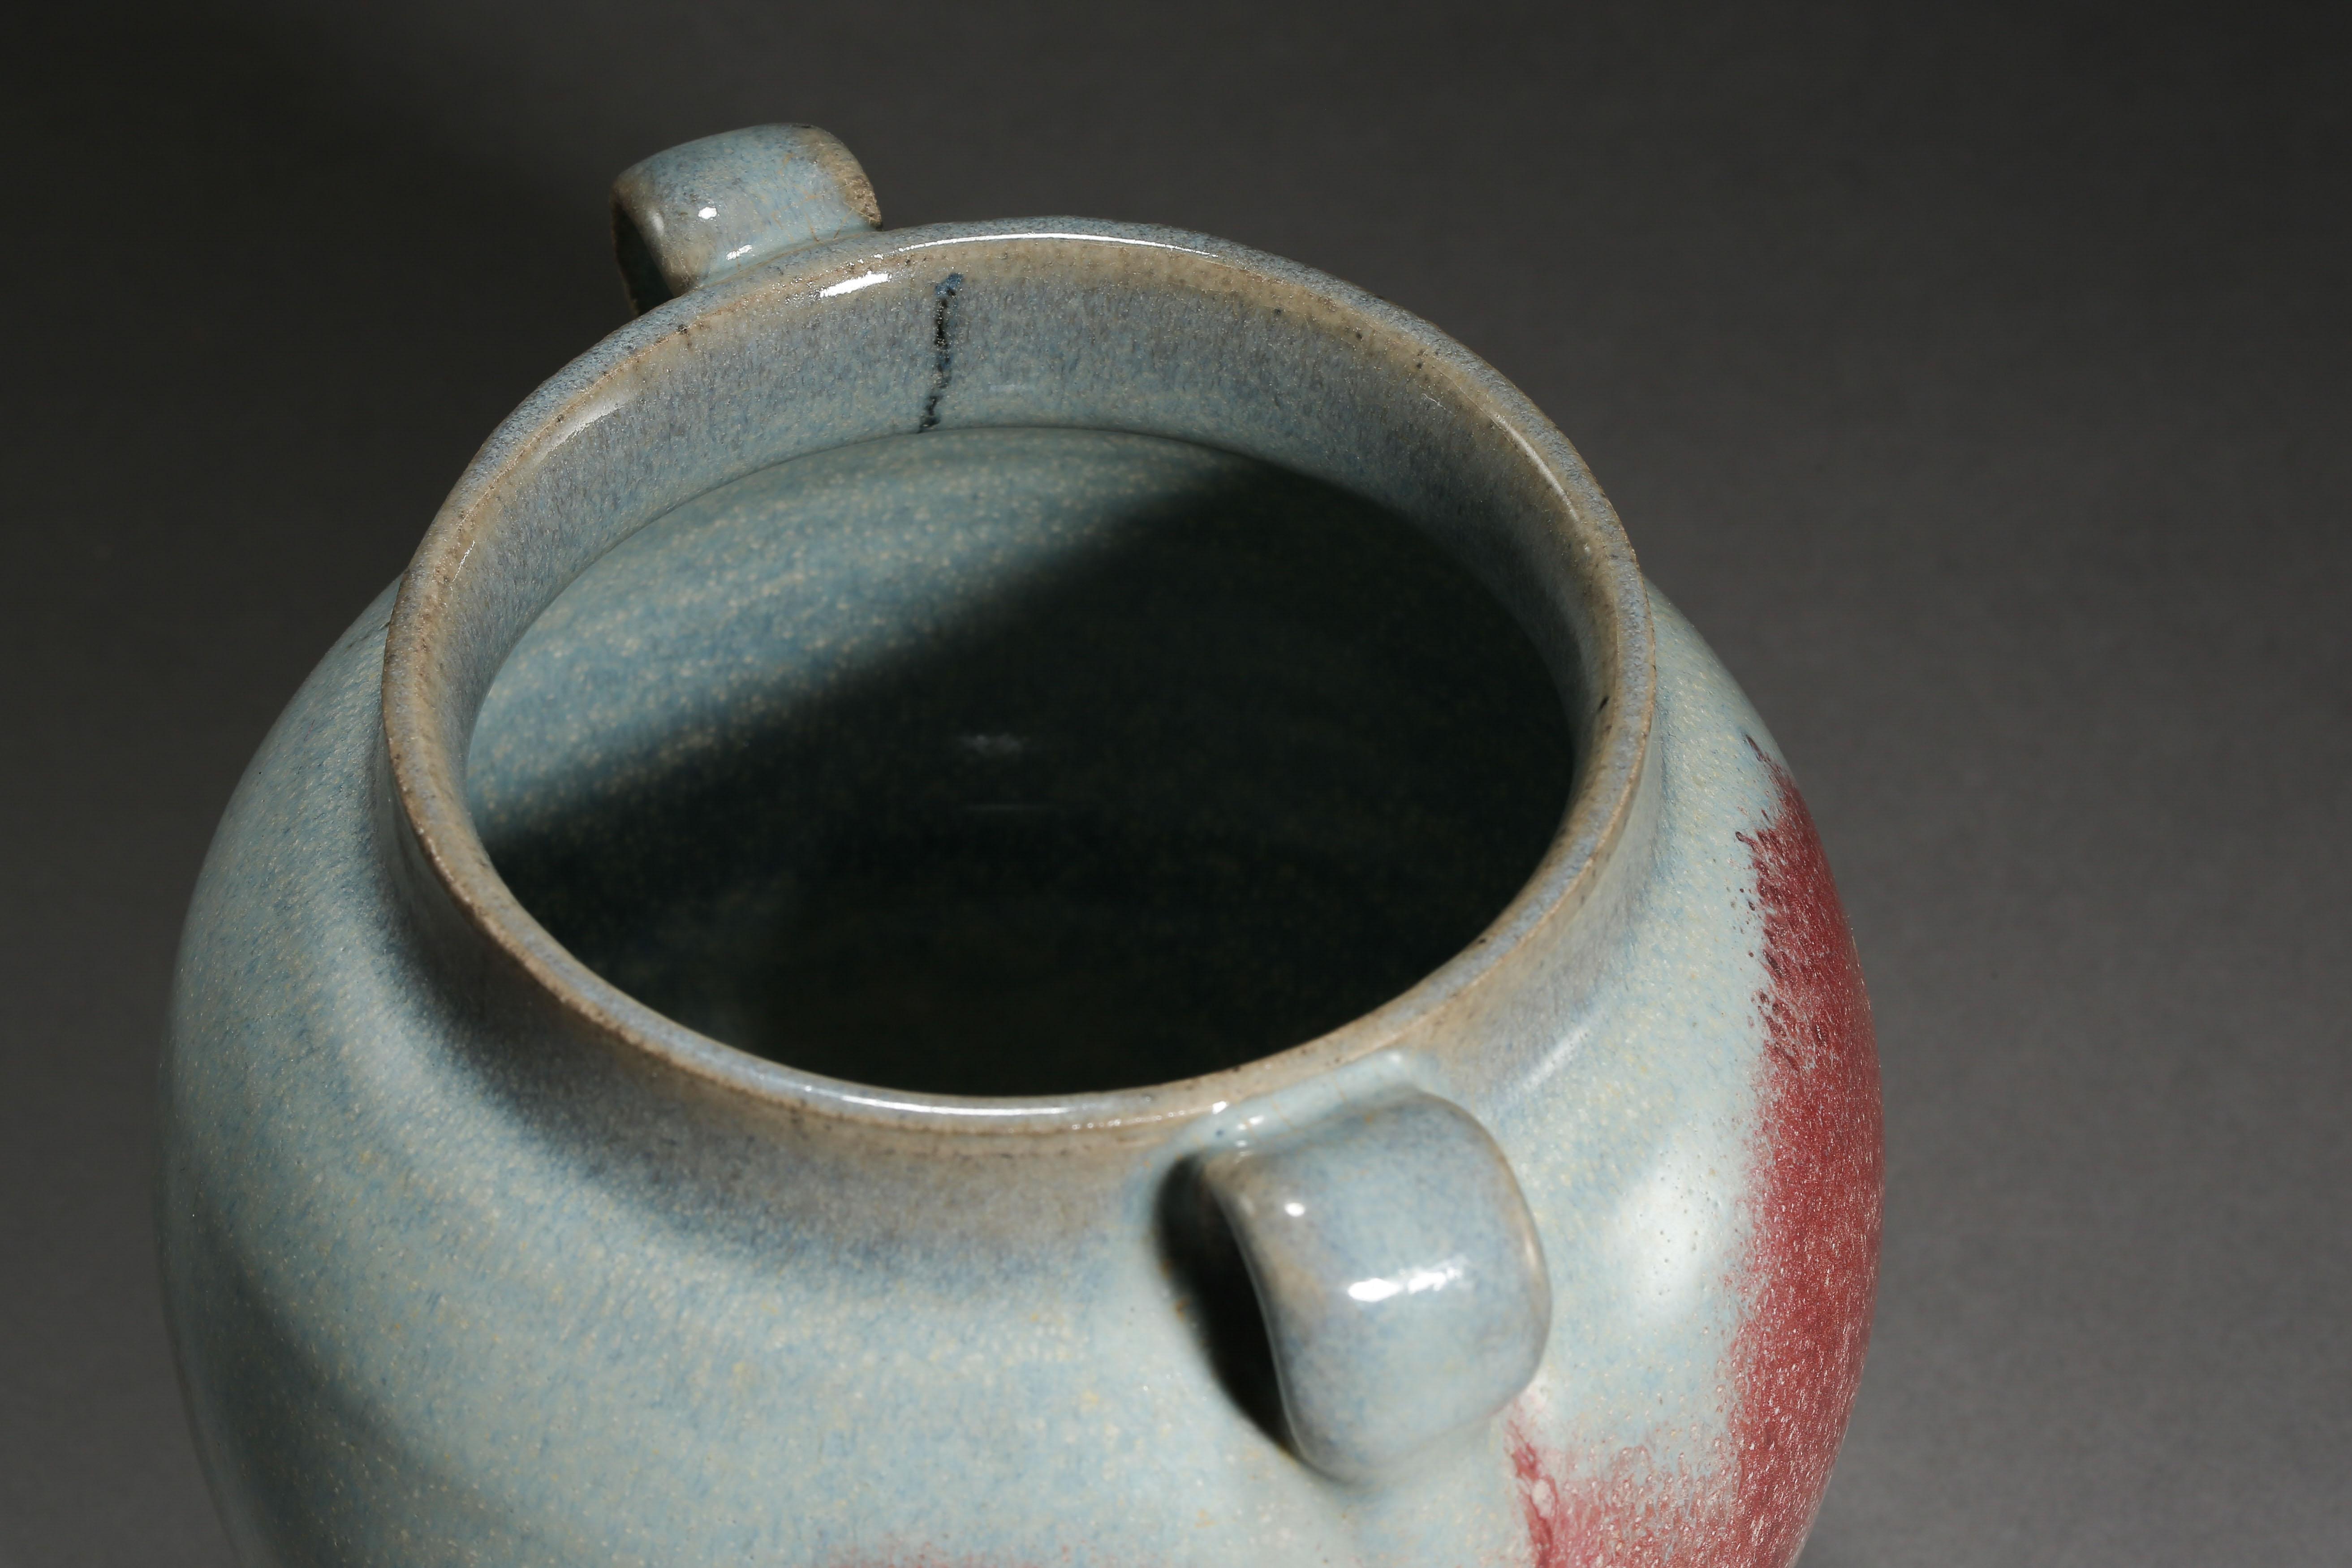 JUN KILN DOUBLE HANDLE JAR, YUAN DYNASTY, CHINA - Image 9 of 10